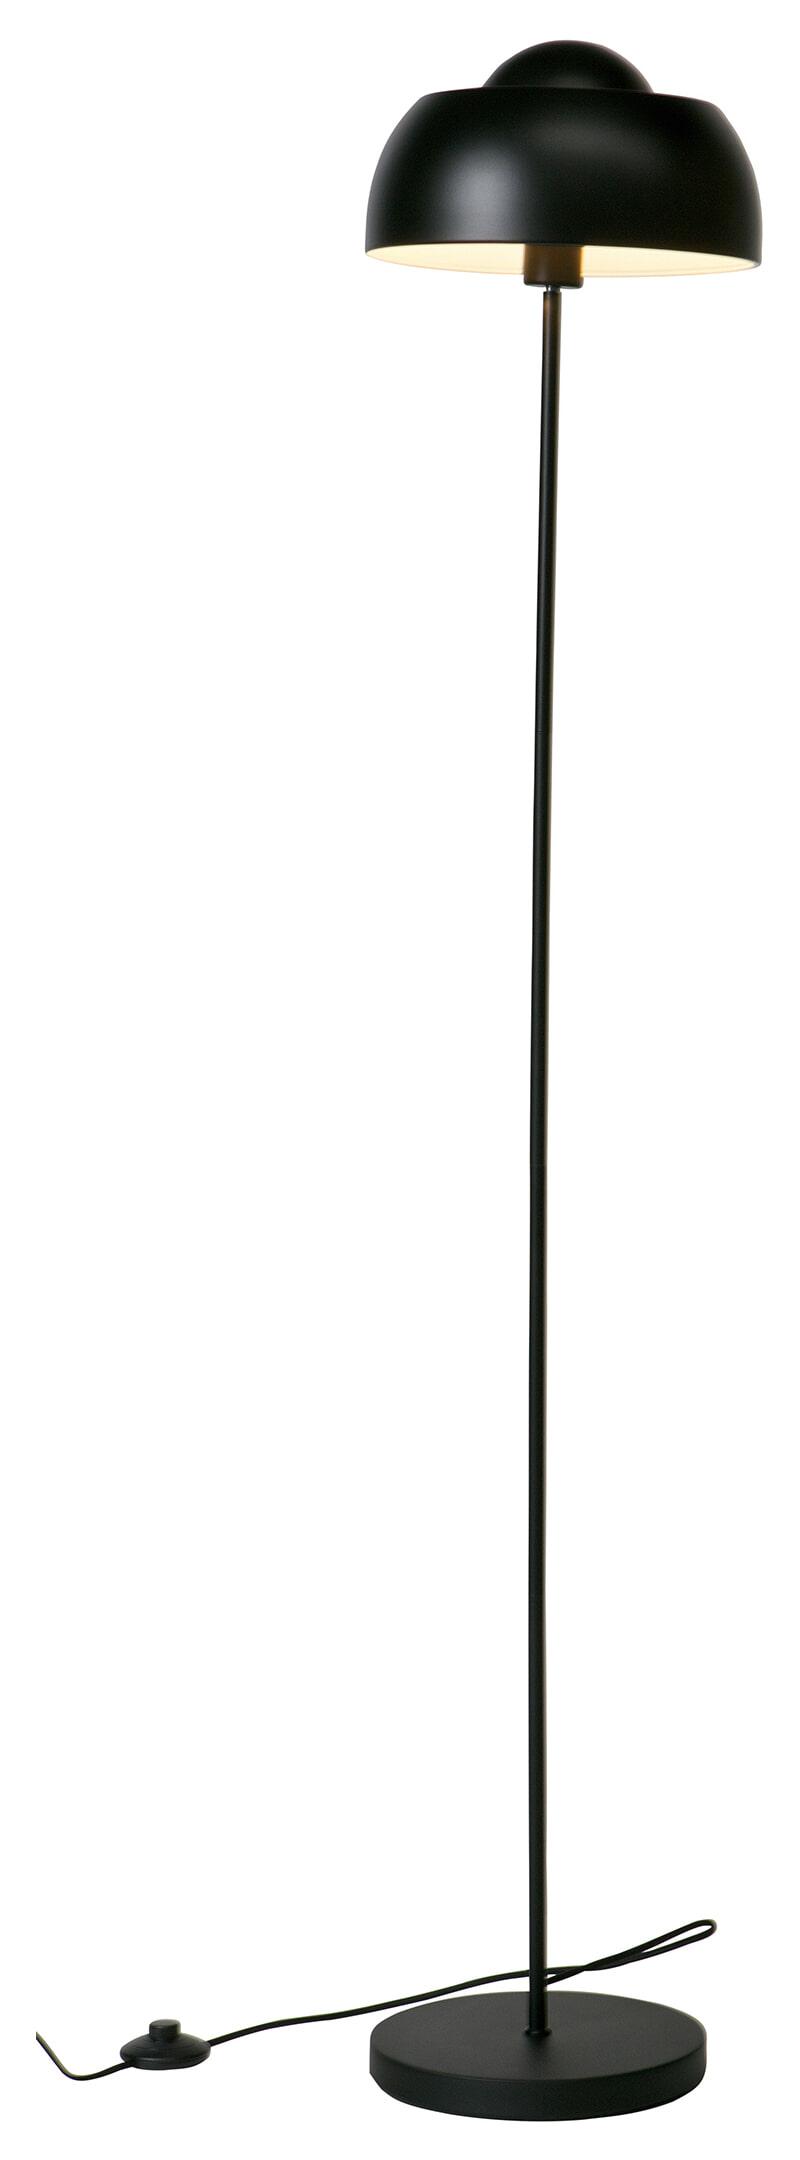 WOOOD Vloerlamp 'Yvet', kleur Zwart Metaal in kleur zwart gelakt aanschaffen? Kijk hier!